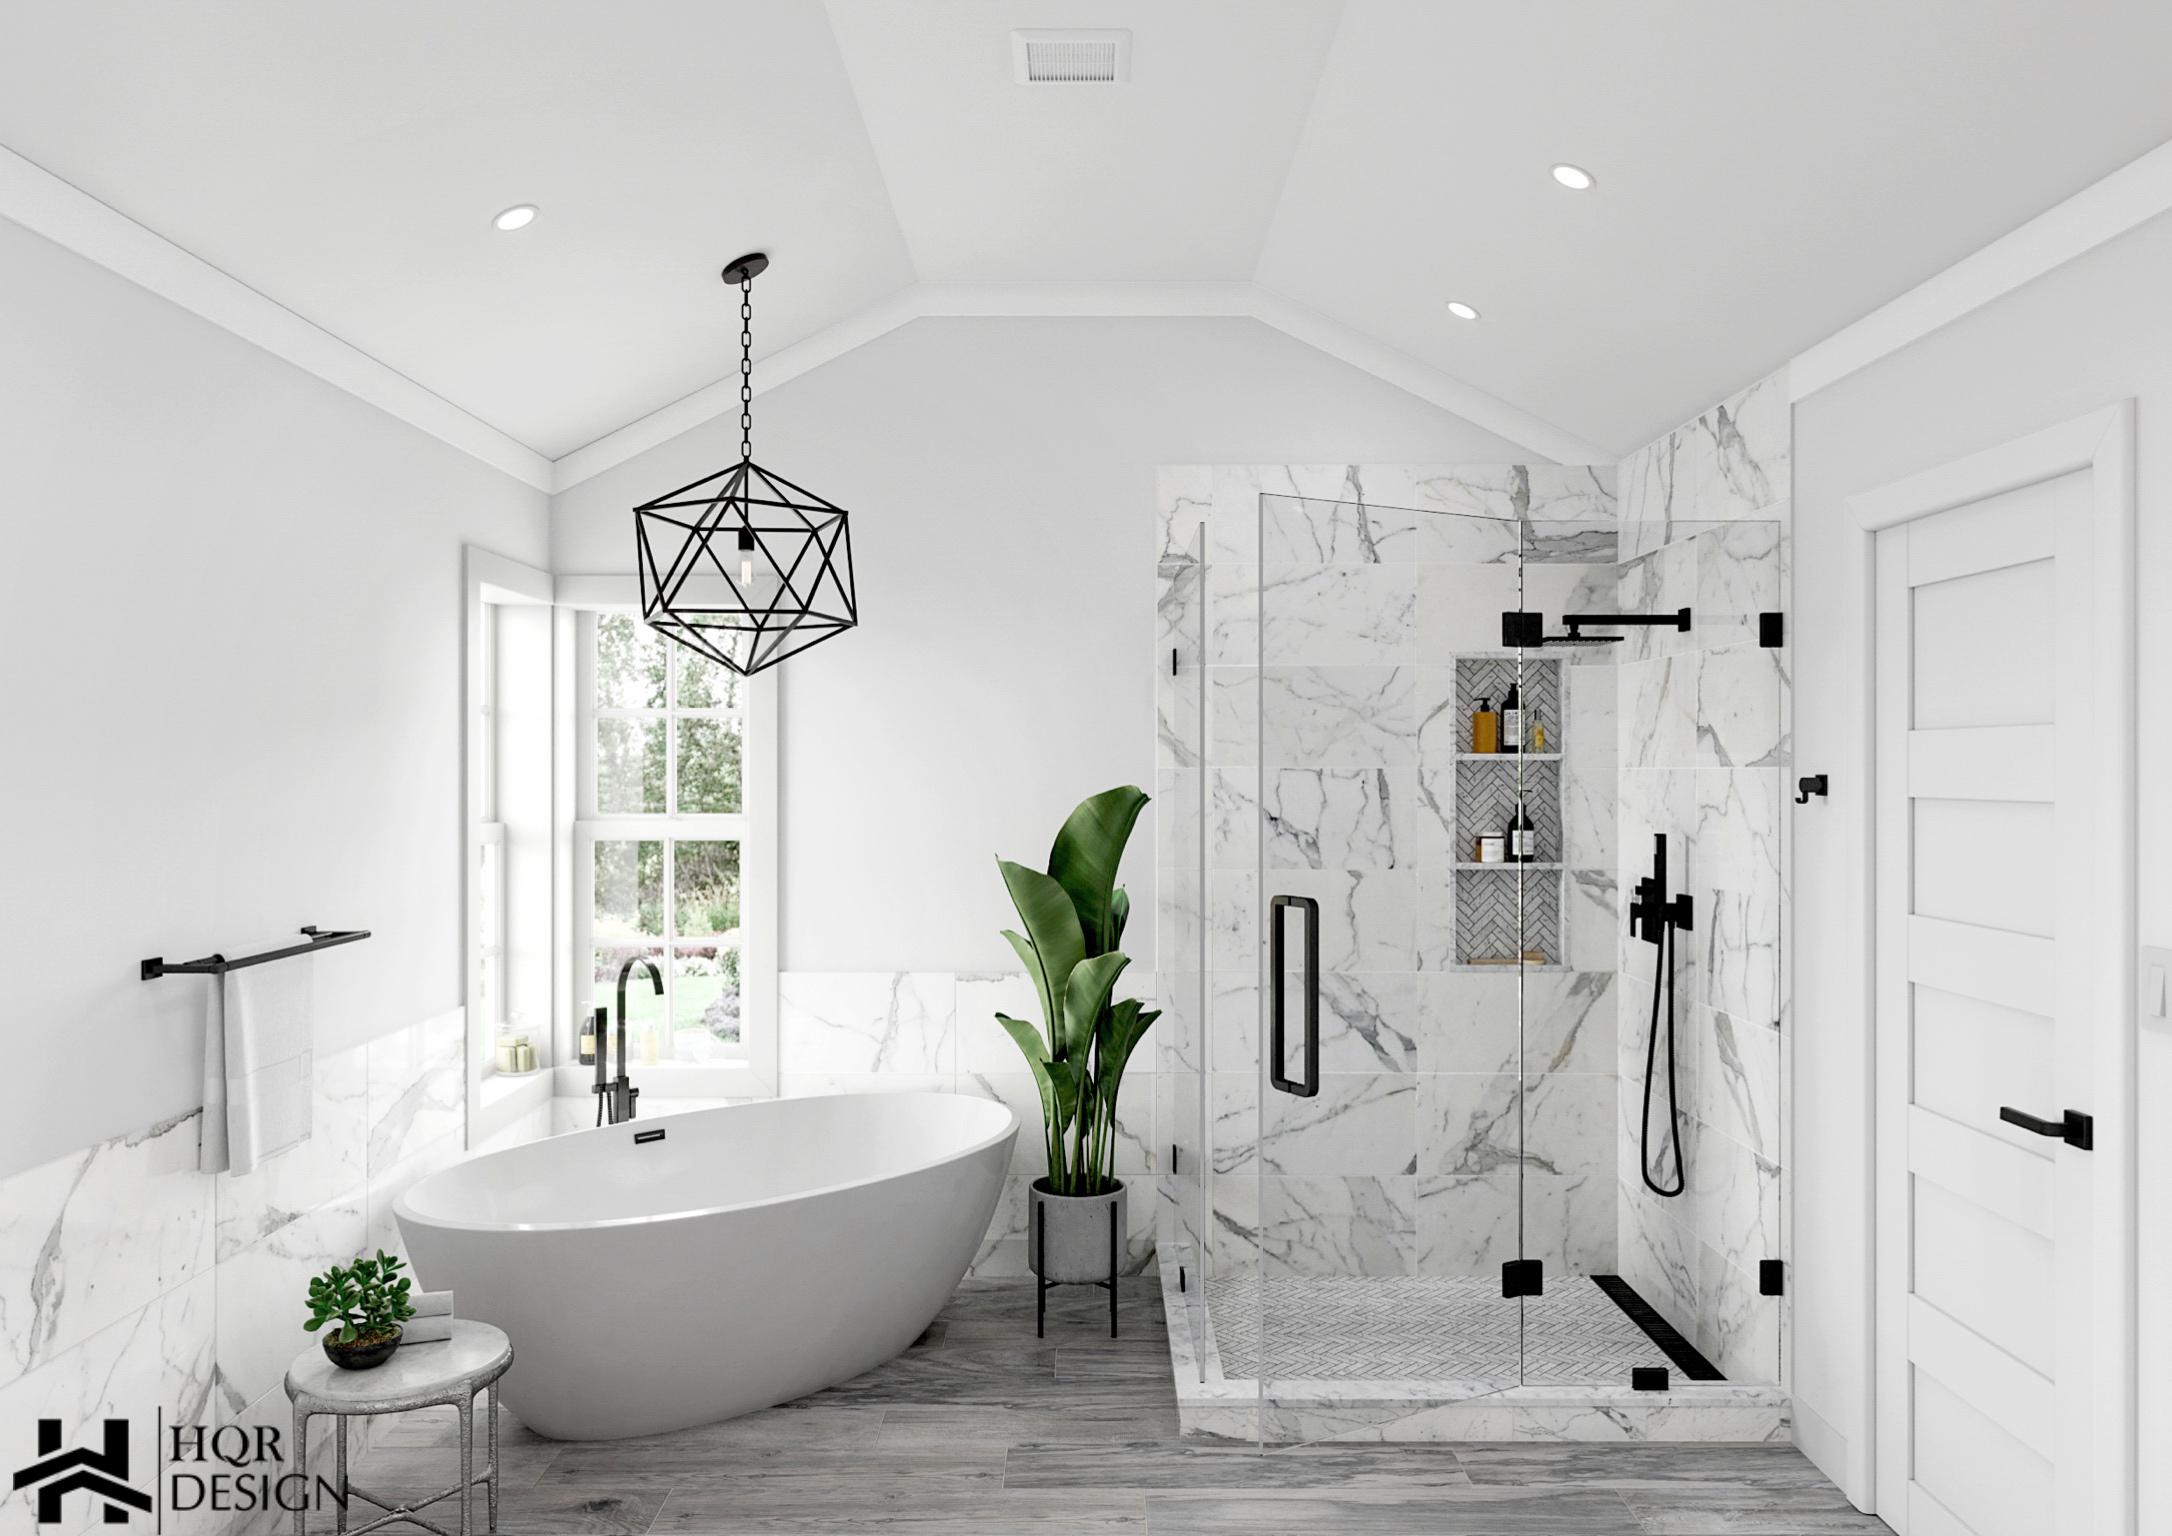 Danville_ Contemporary Bathroom